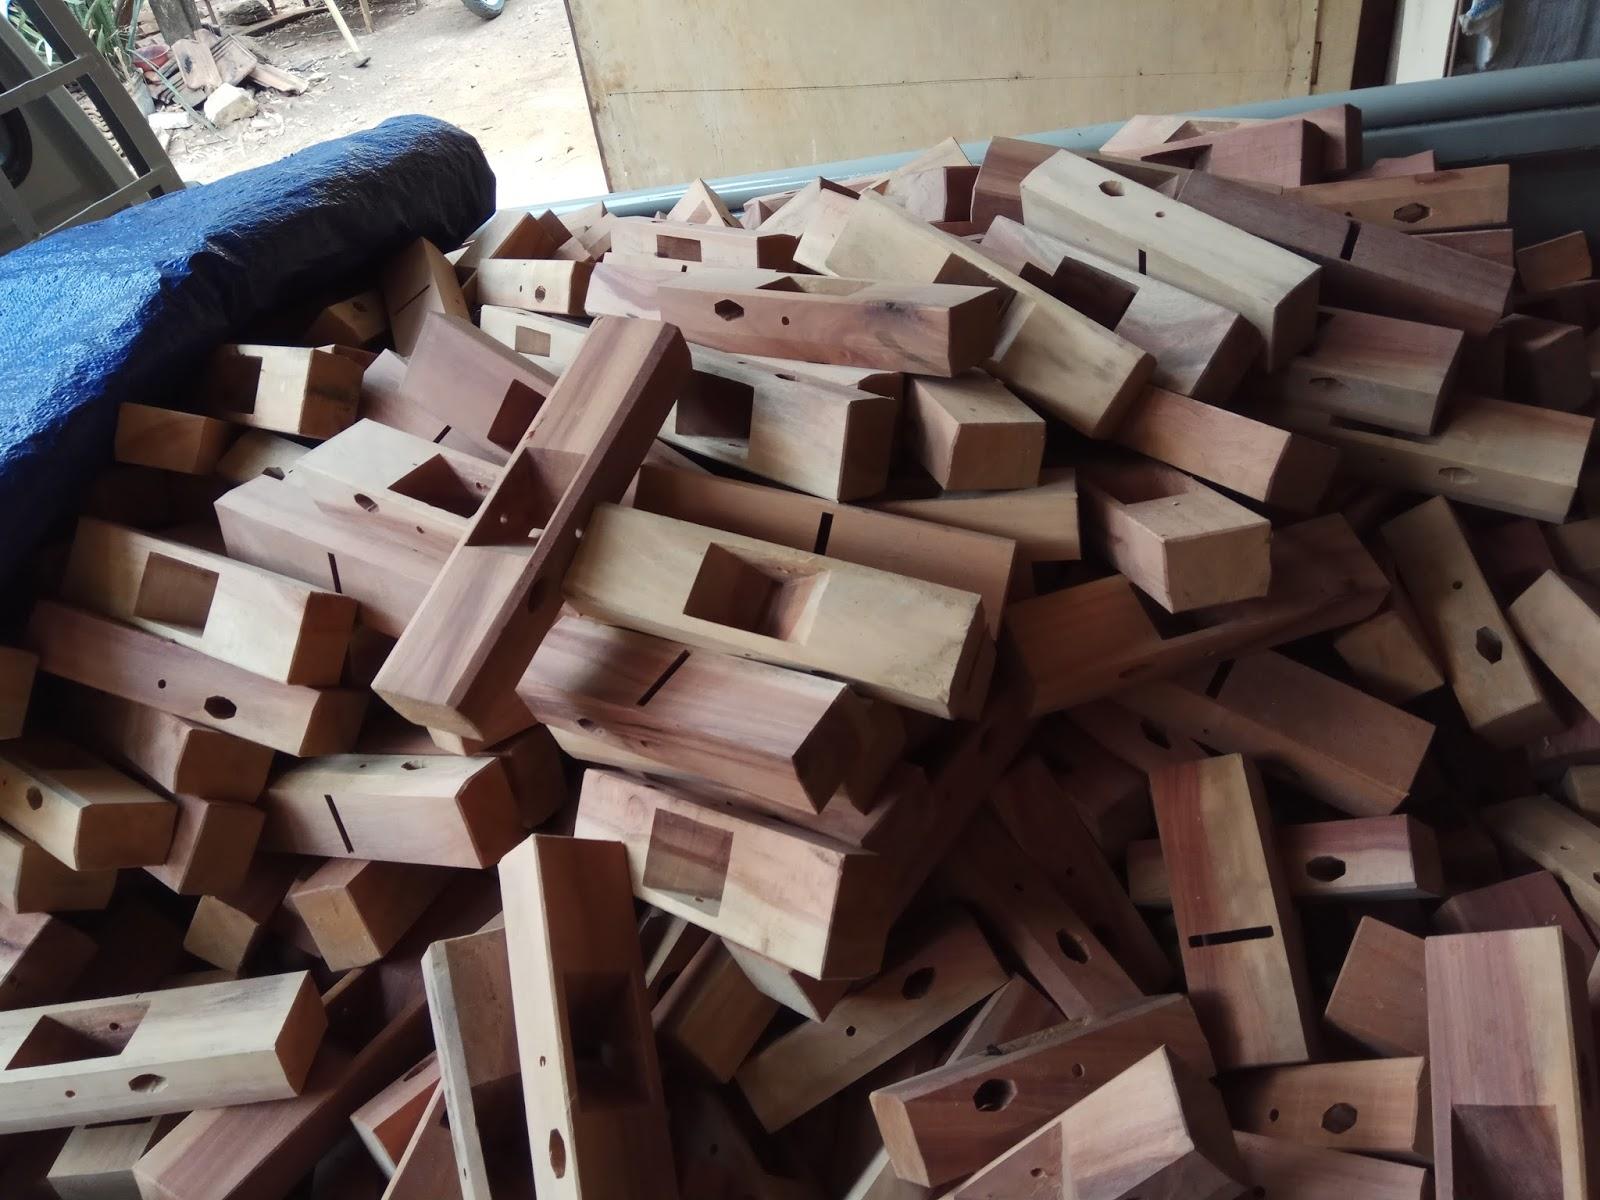 Ah Tujuan Kami Selamat Datang Pembeli Alat Pahat Kepuasan Tatah Ukir Kayu Jepara Paket Cukup Murmer Distributor Besar Ketam Sawo